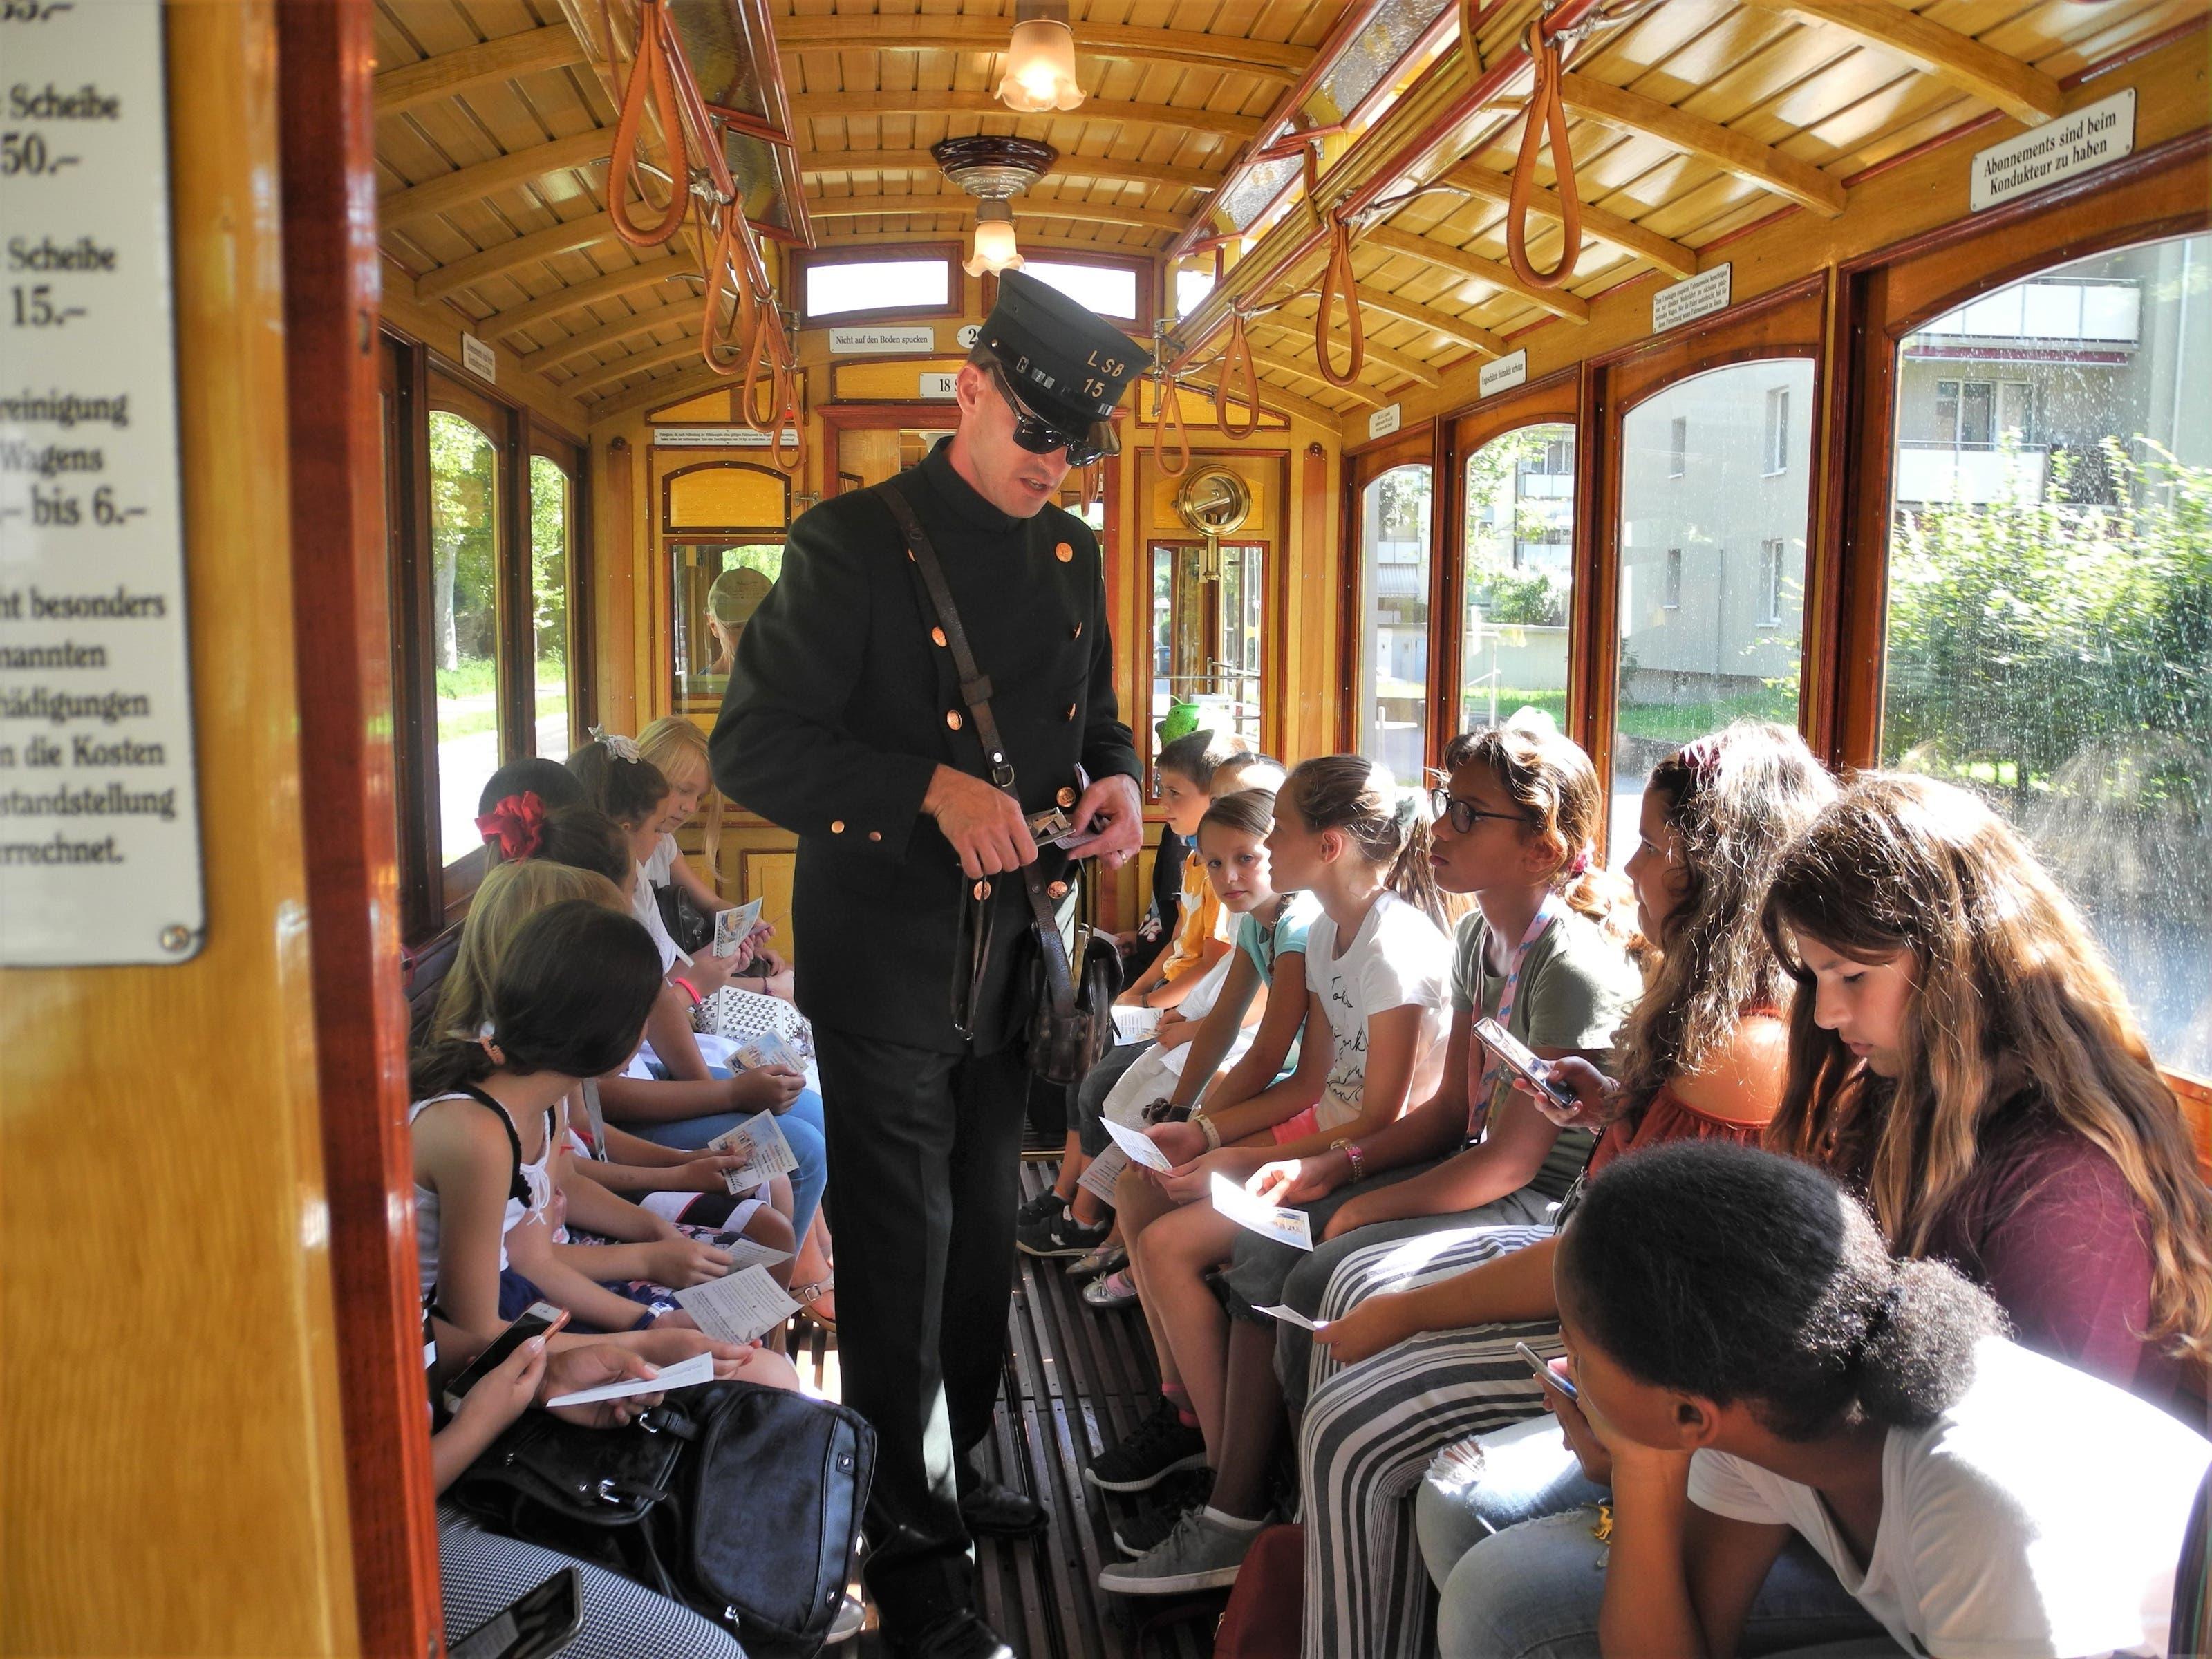 Ein Mitarbeiter des Tram-Museums Zürich verteilte Fahrkarten.